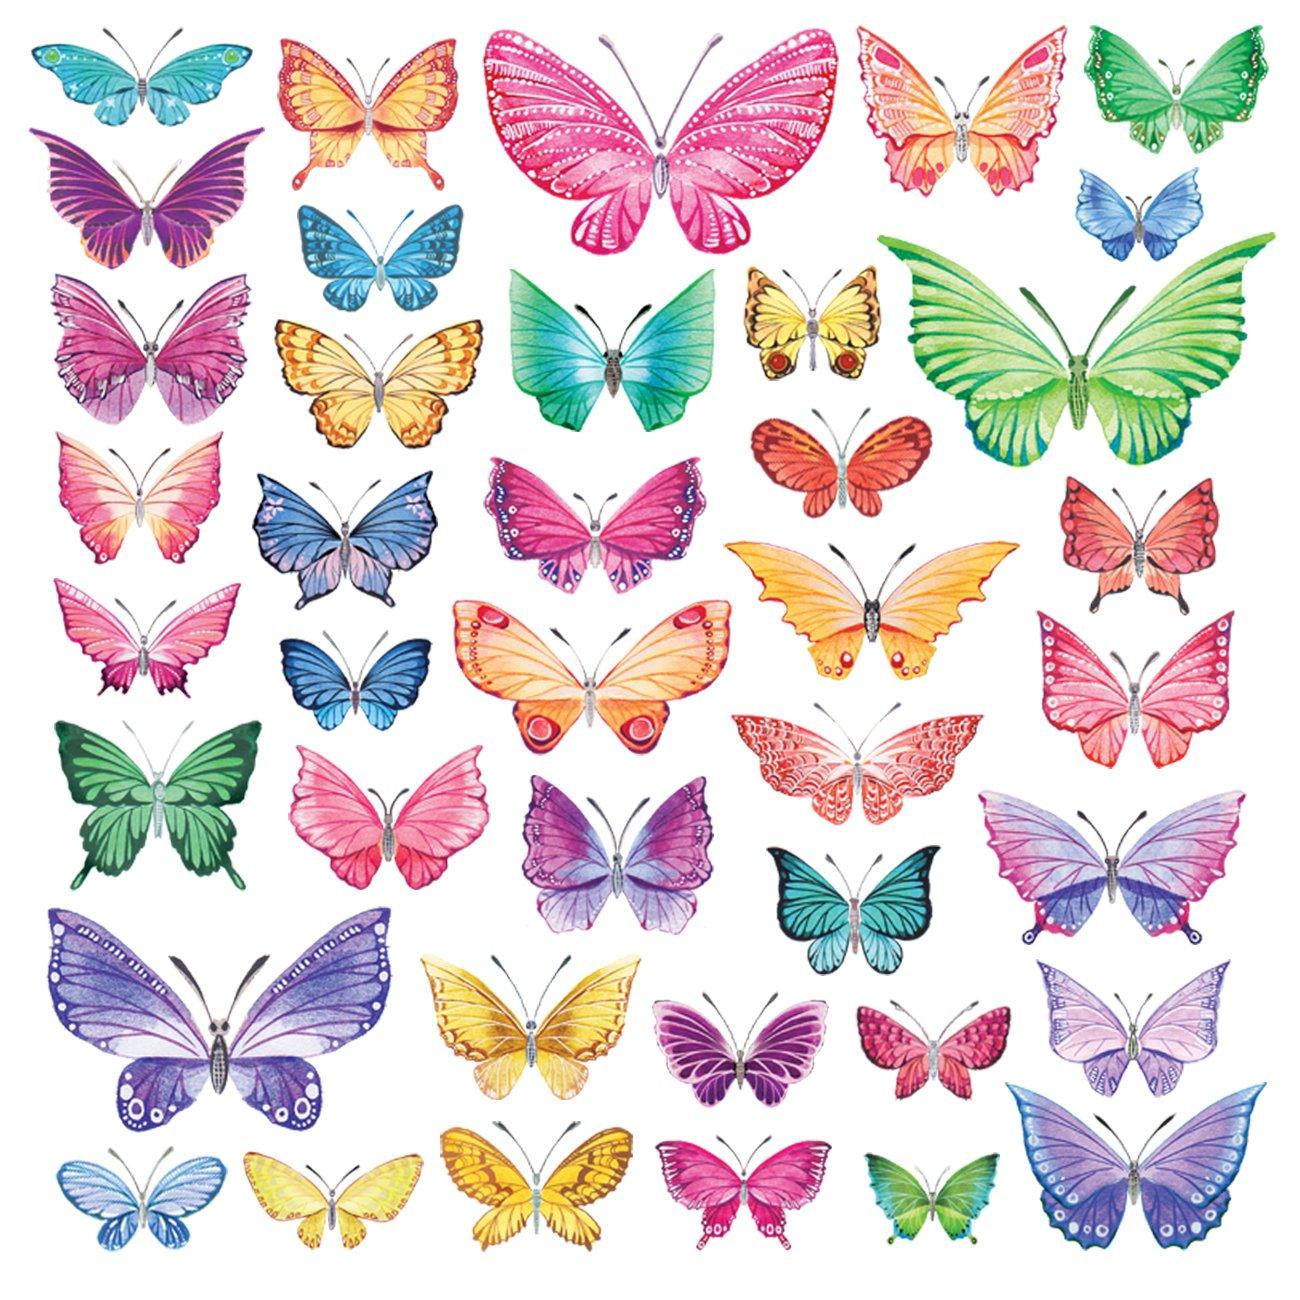 Decowall DW-1602 Mariposas en Acuarela Vinilo Pegatinas Decorativas Adhesiva Pared Dormitorio Sal/ón Guarder/ía Habitaci/ón Infantiles Ni/ños Beb/és